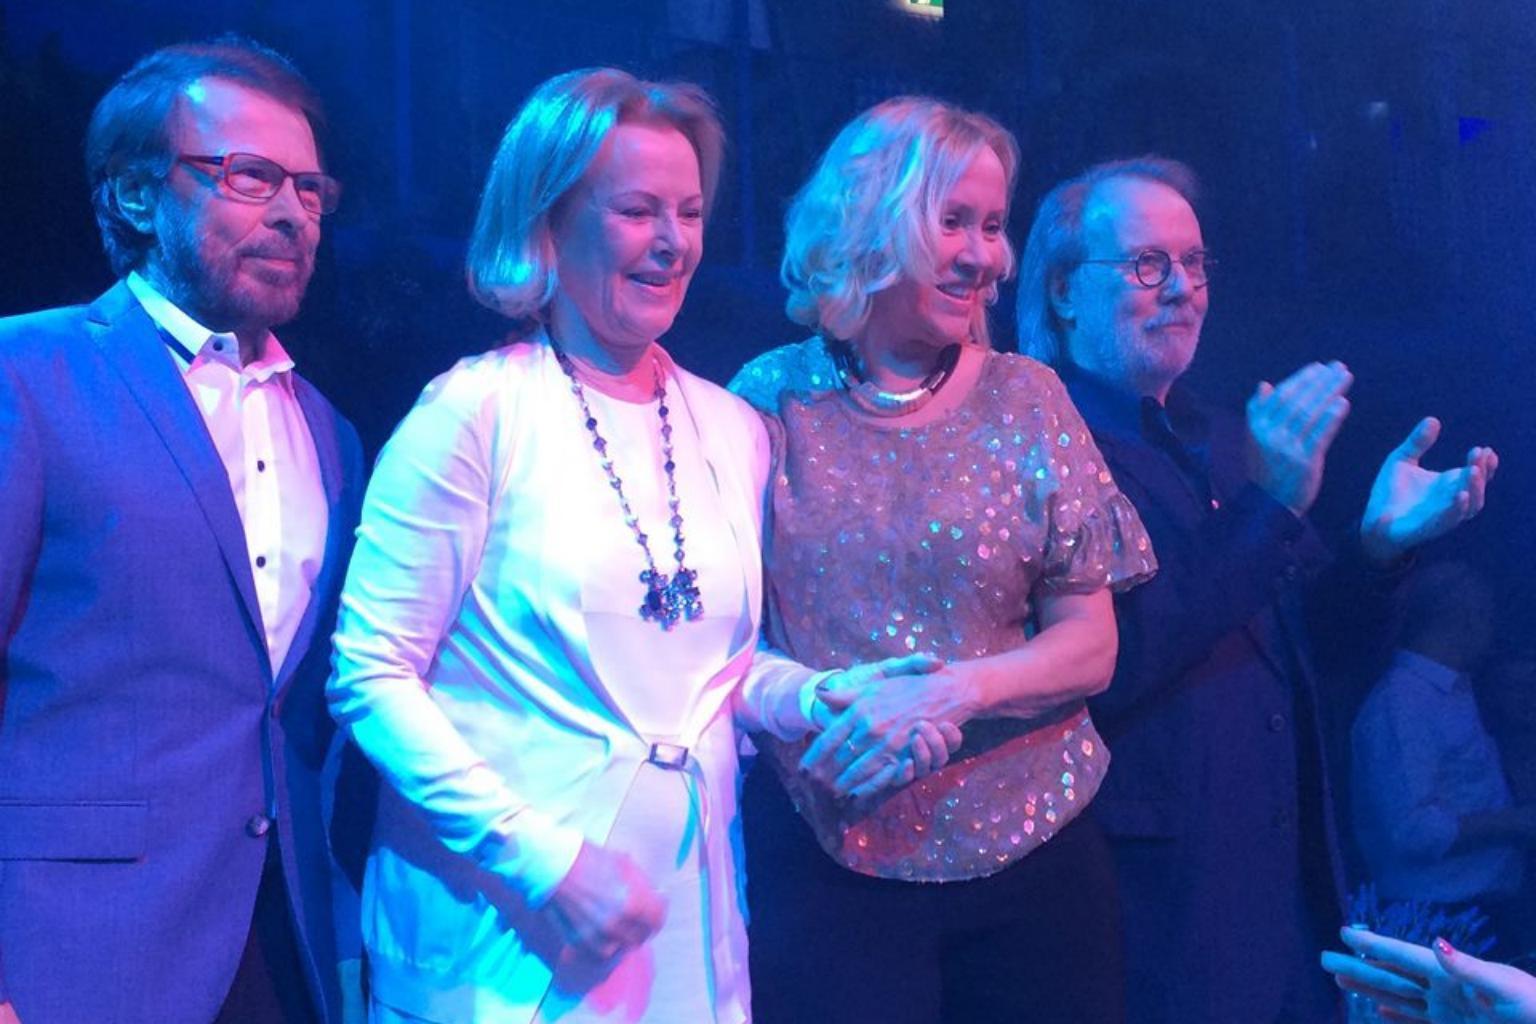 Thành viên nhóm ABBA tiết lộ về chuyến lưu diễn tái hợp Ảnh 1